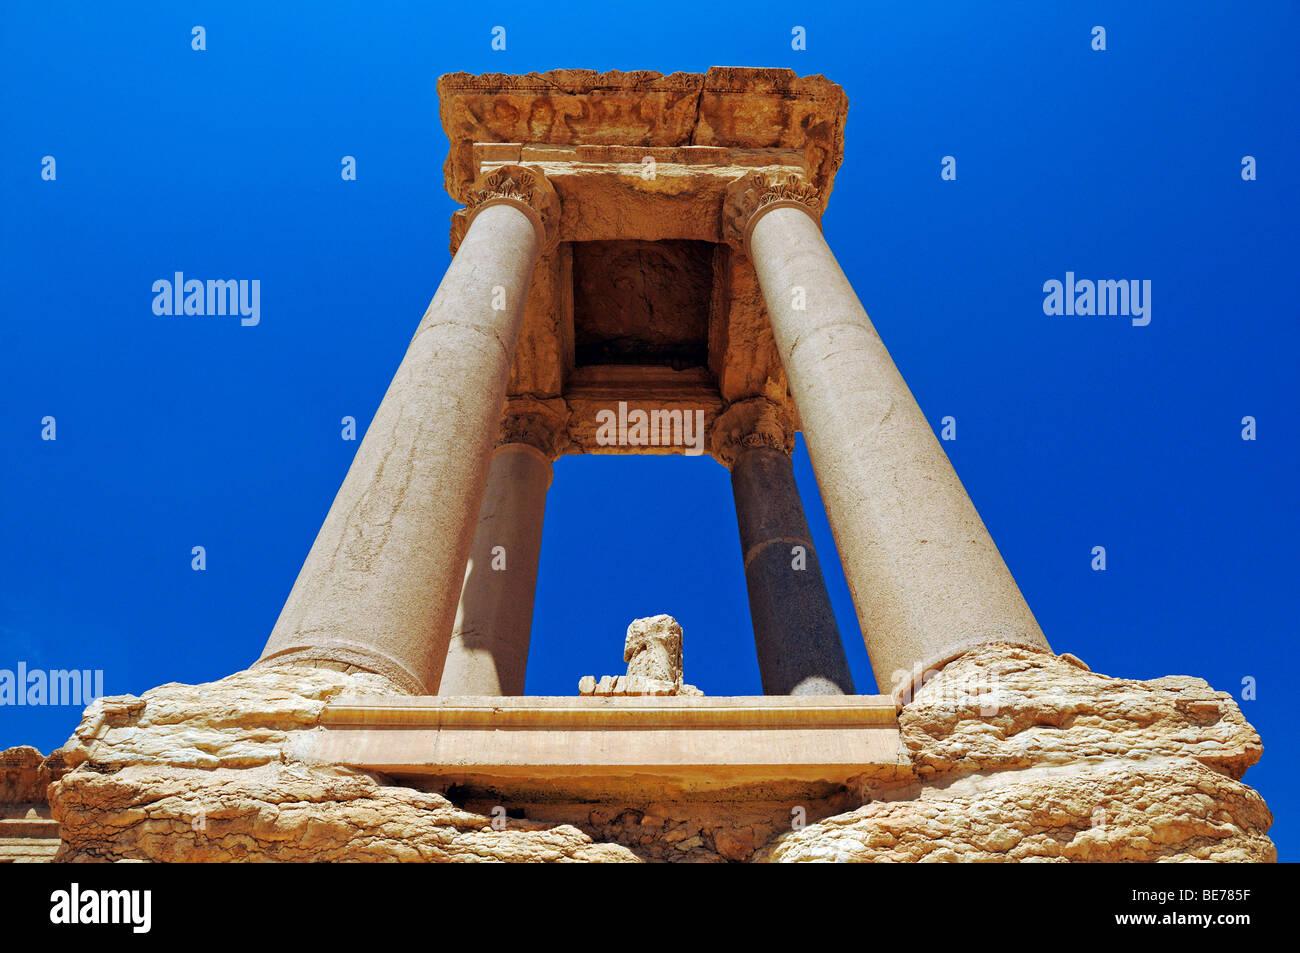 Pylon in the tetra pylon at the excavation site of Palmyra, Tadmur, Syria, Asia - Stock Image